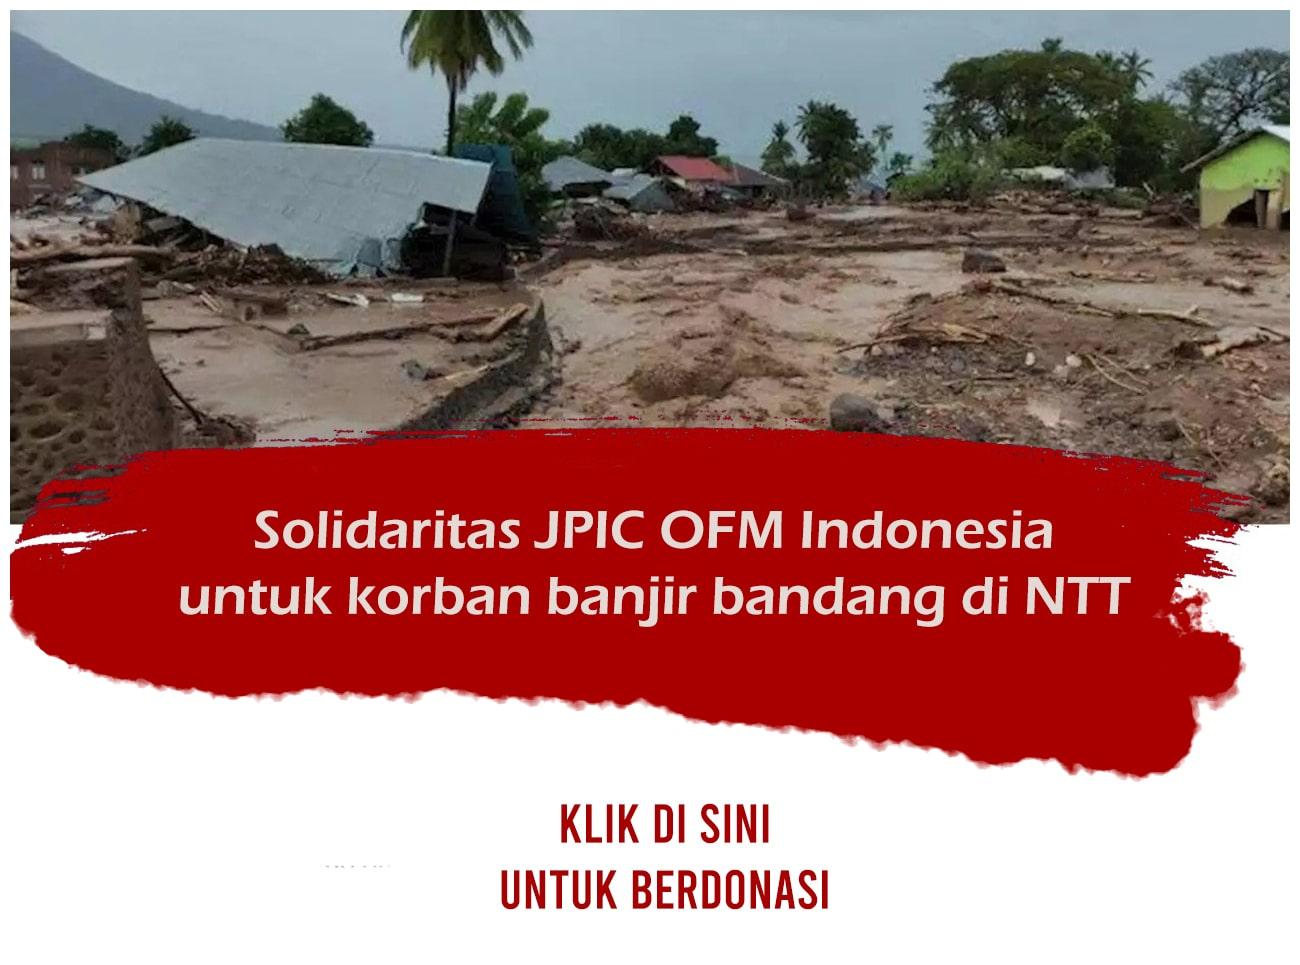 Solidaritas JPIC OFM Inonesia untuk bencana di NTT